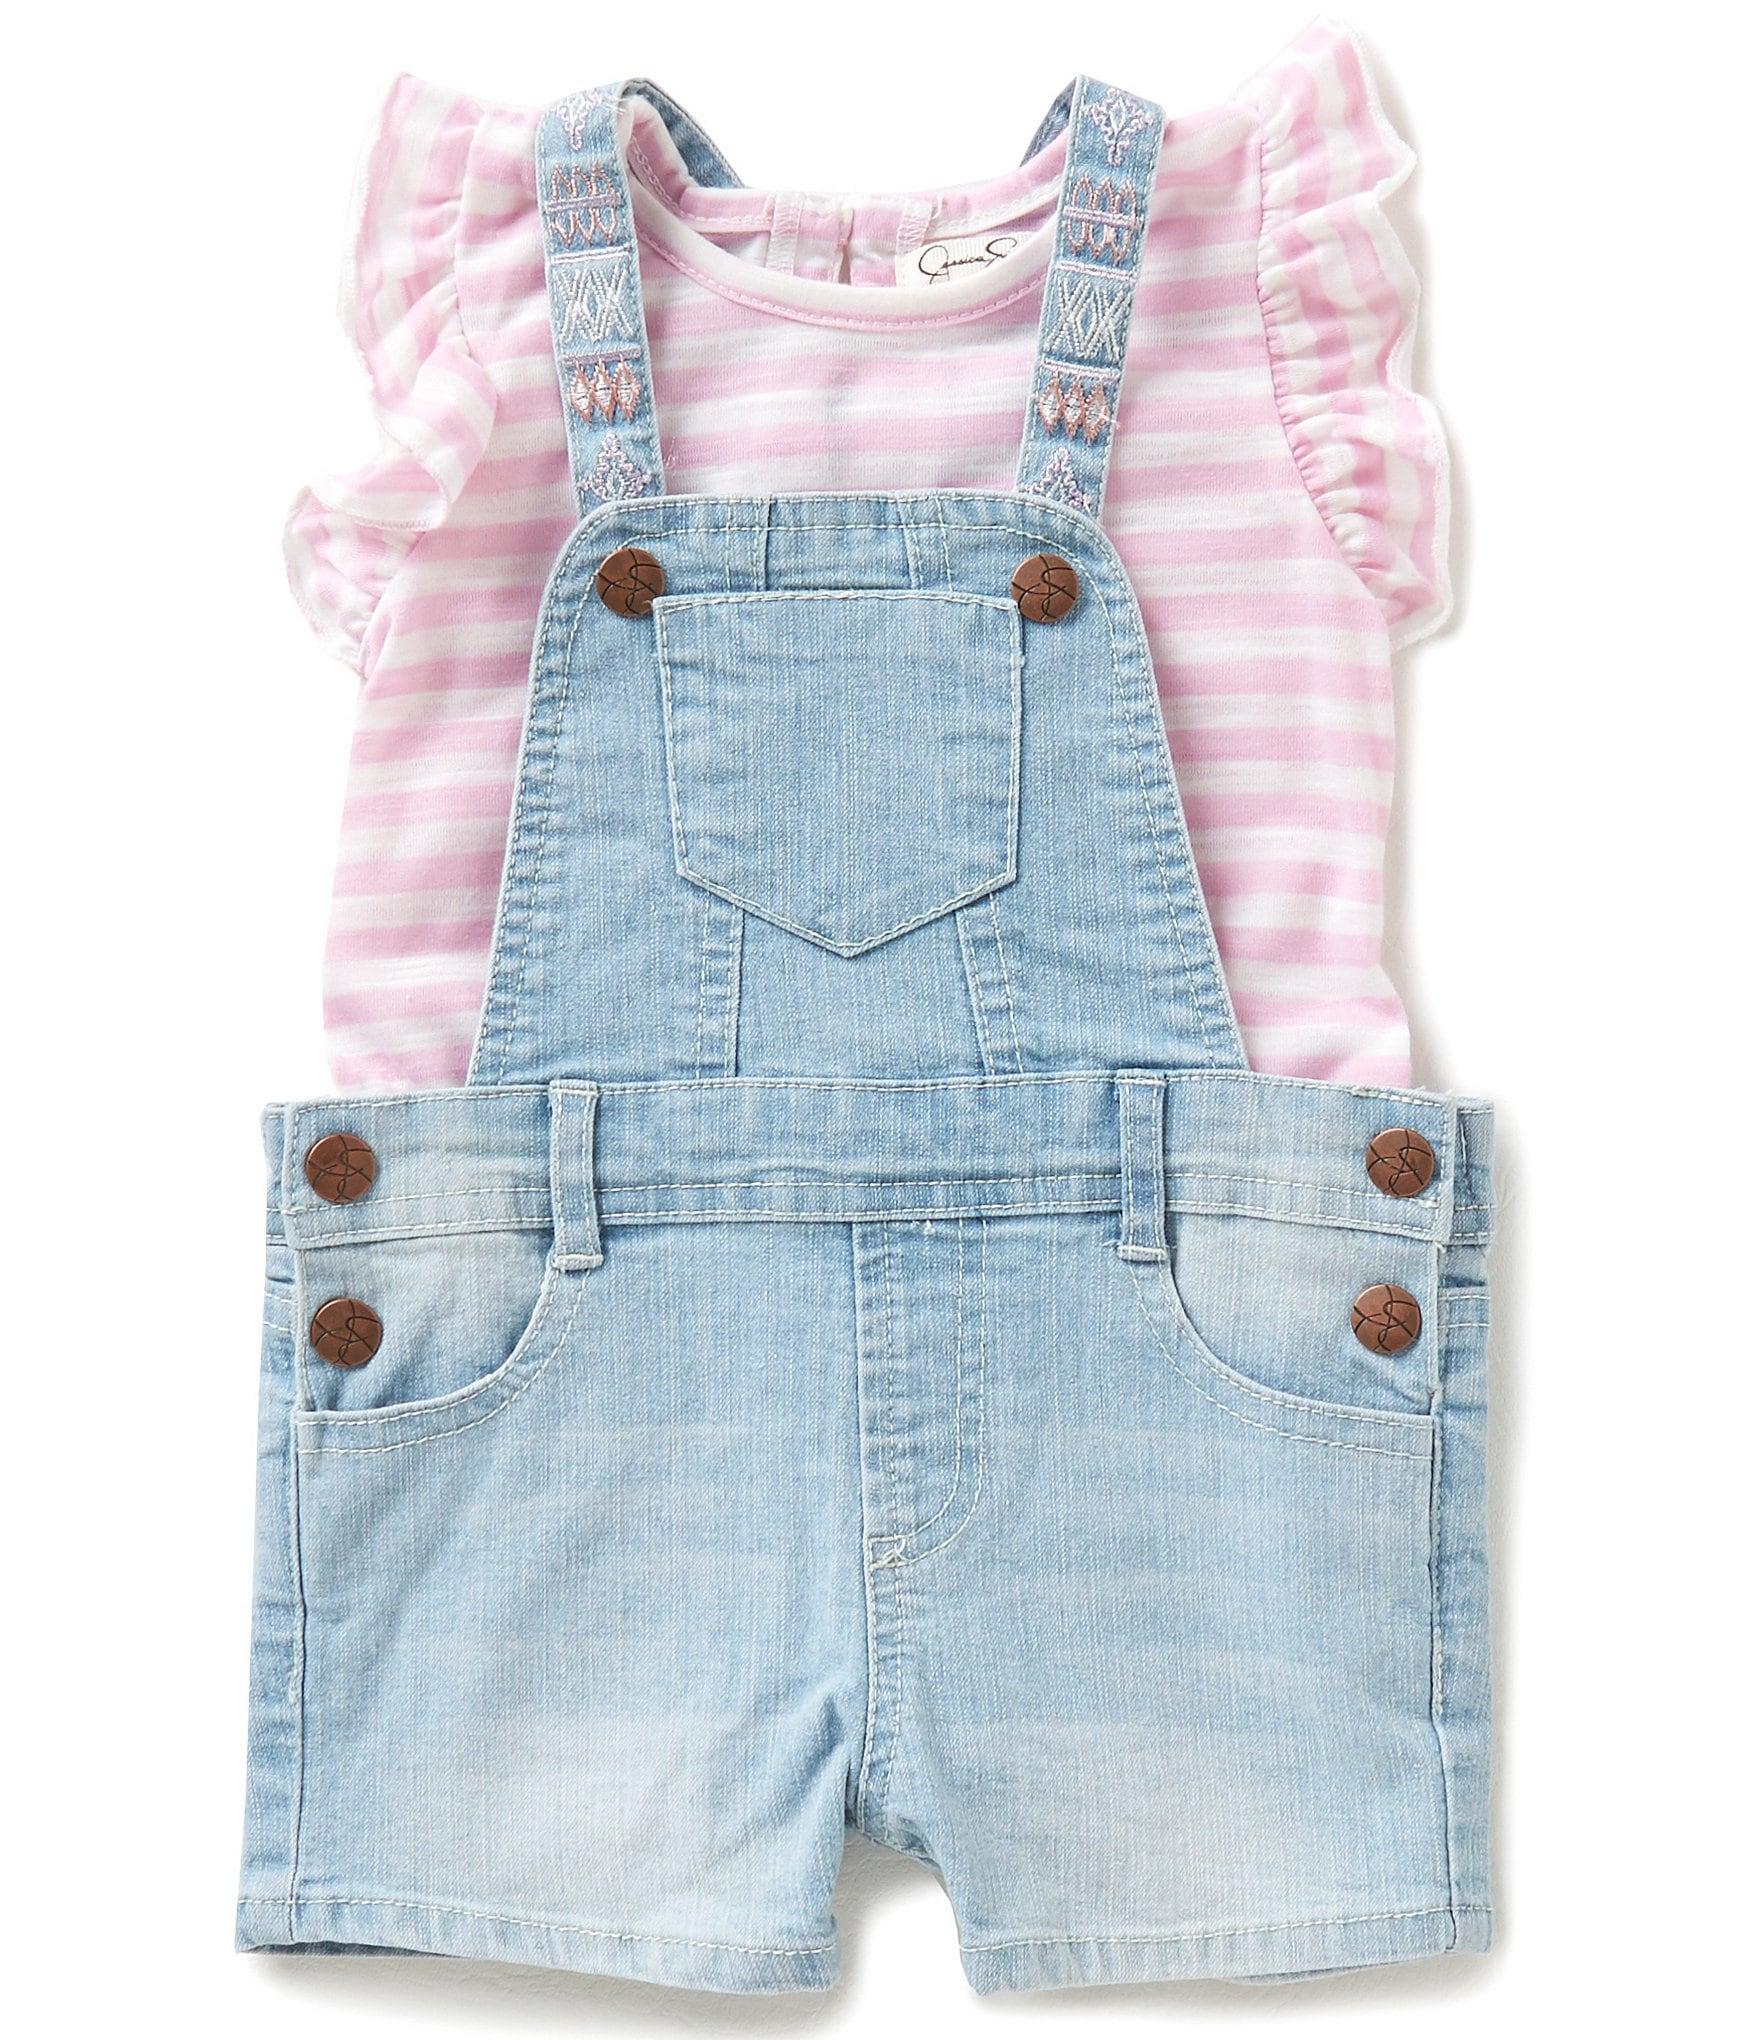 Jessica Simpson Baby Girls 12 24 Months Denim Shortall